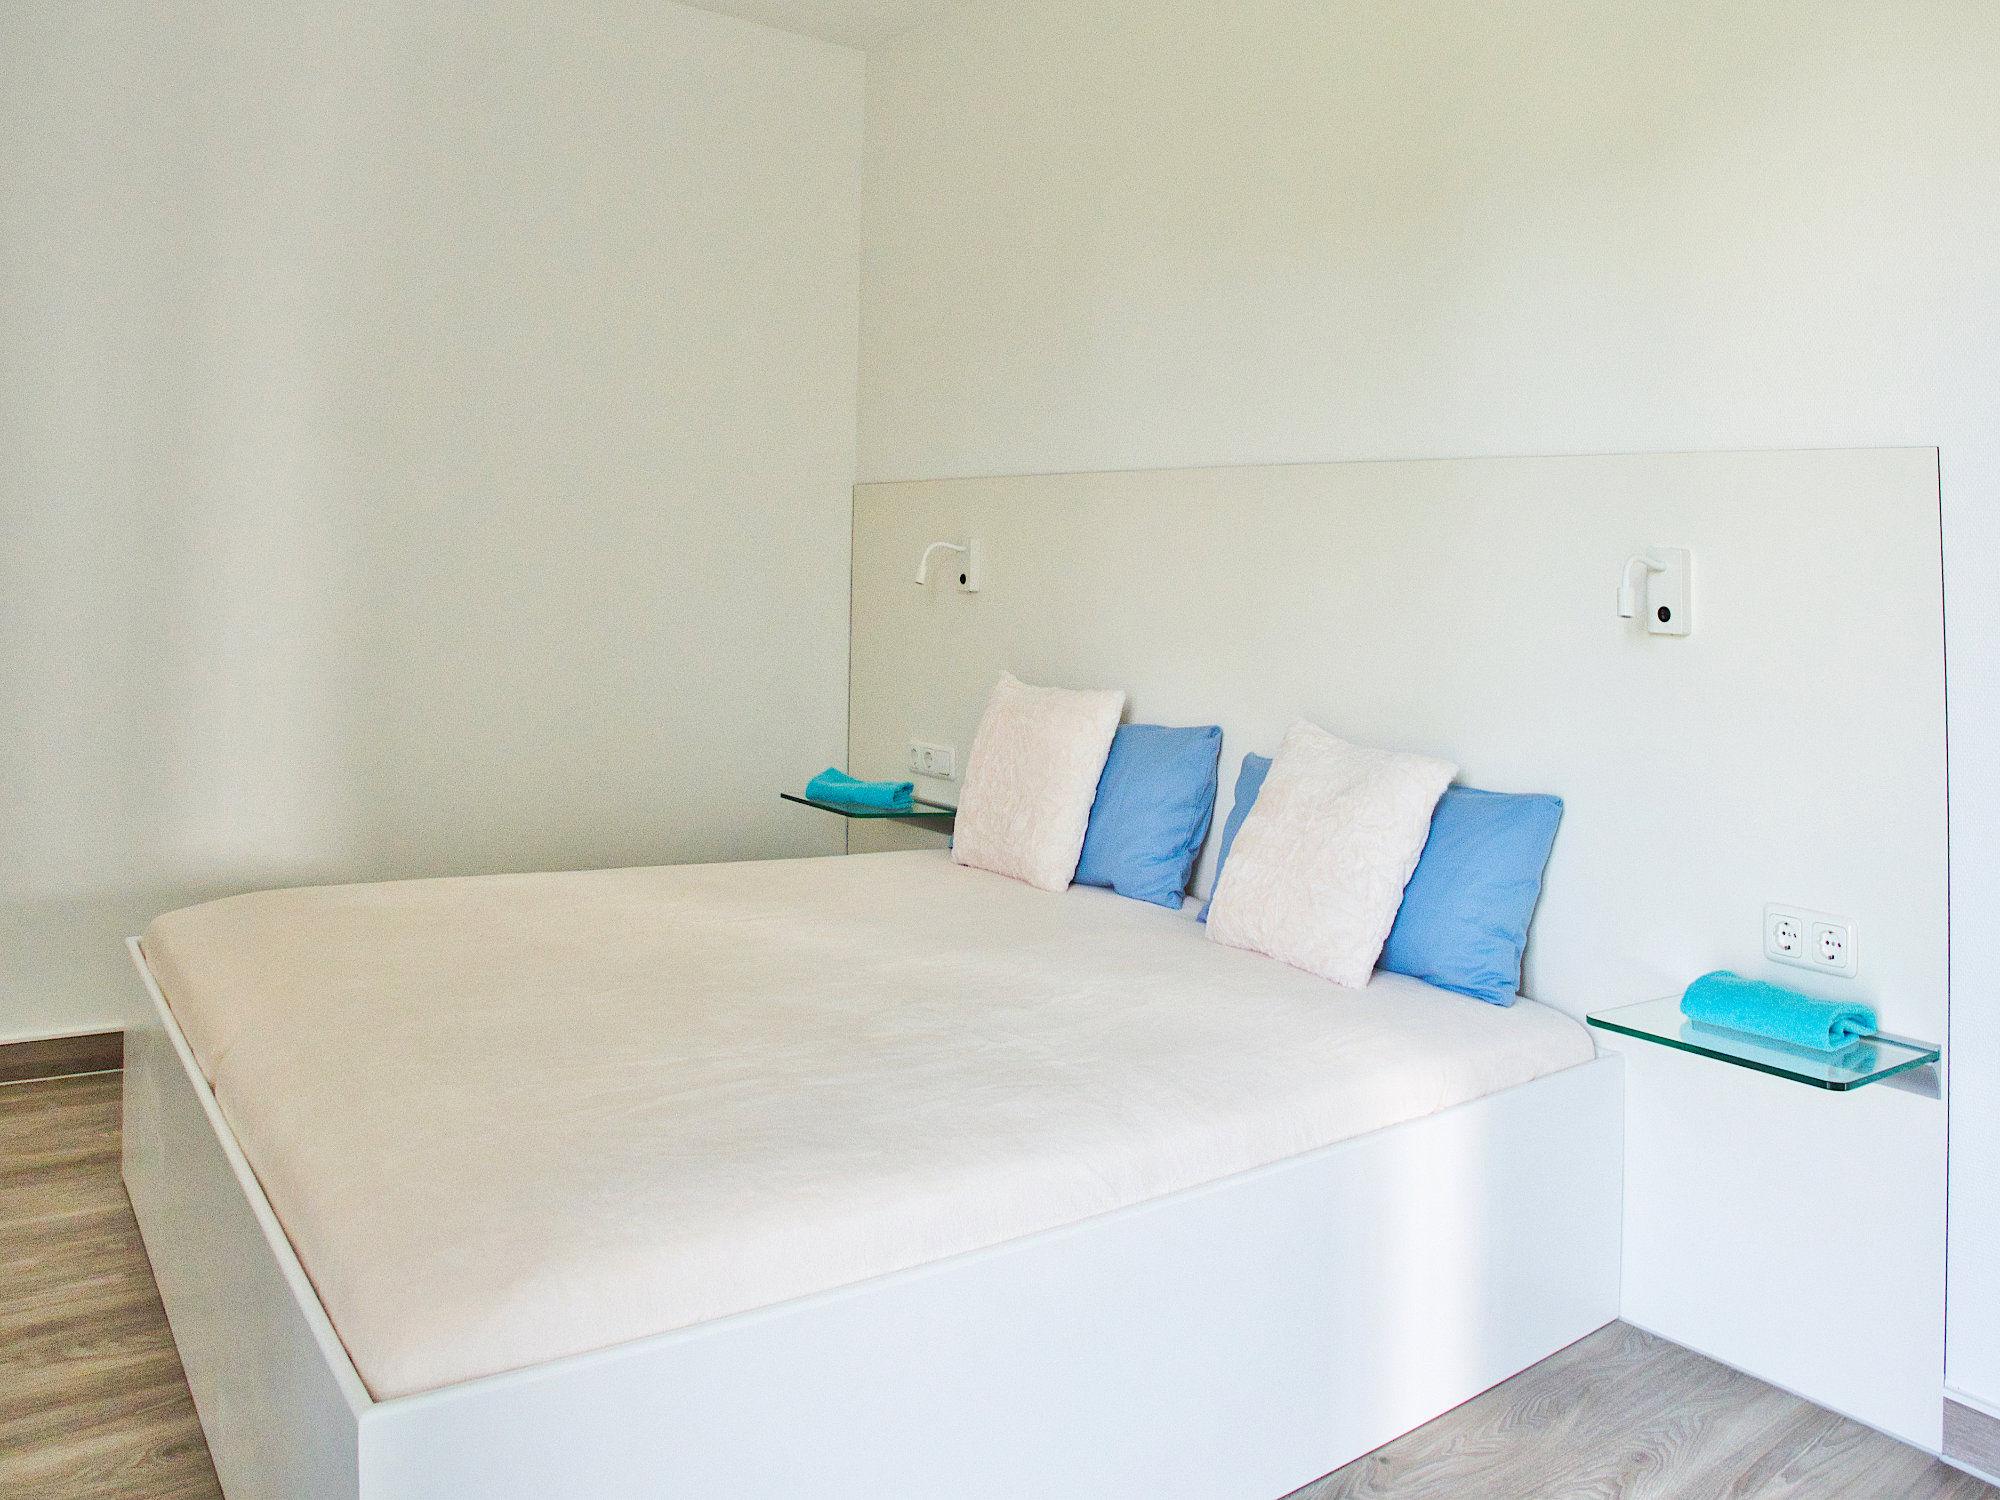 Zweites Schlafzimmer mit Doppelbett und Glaskonsolen